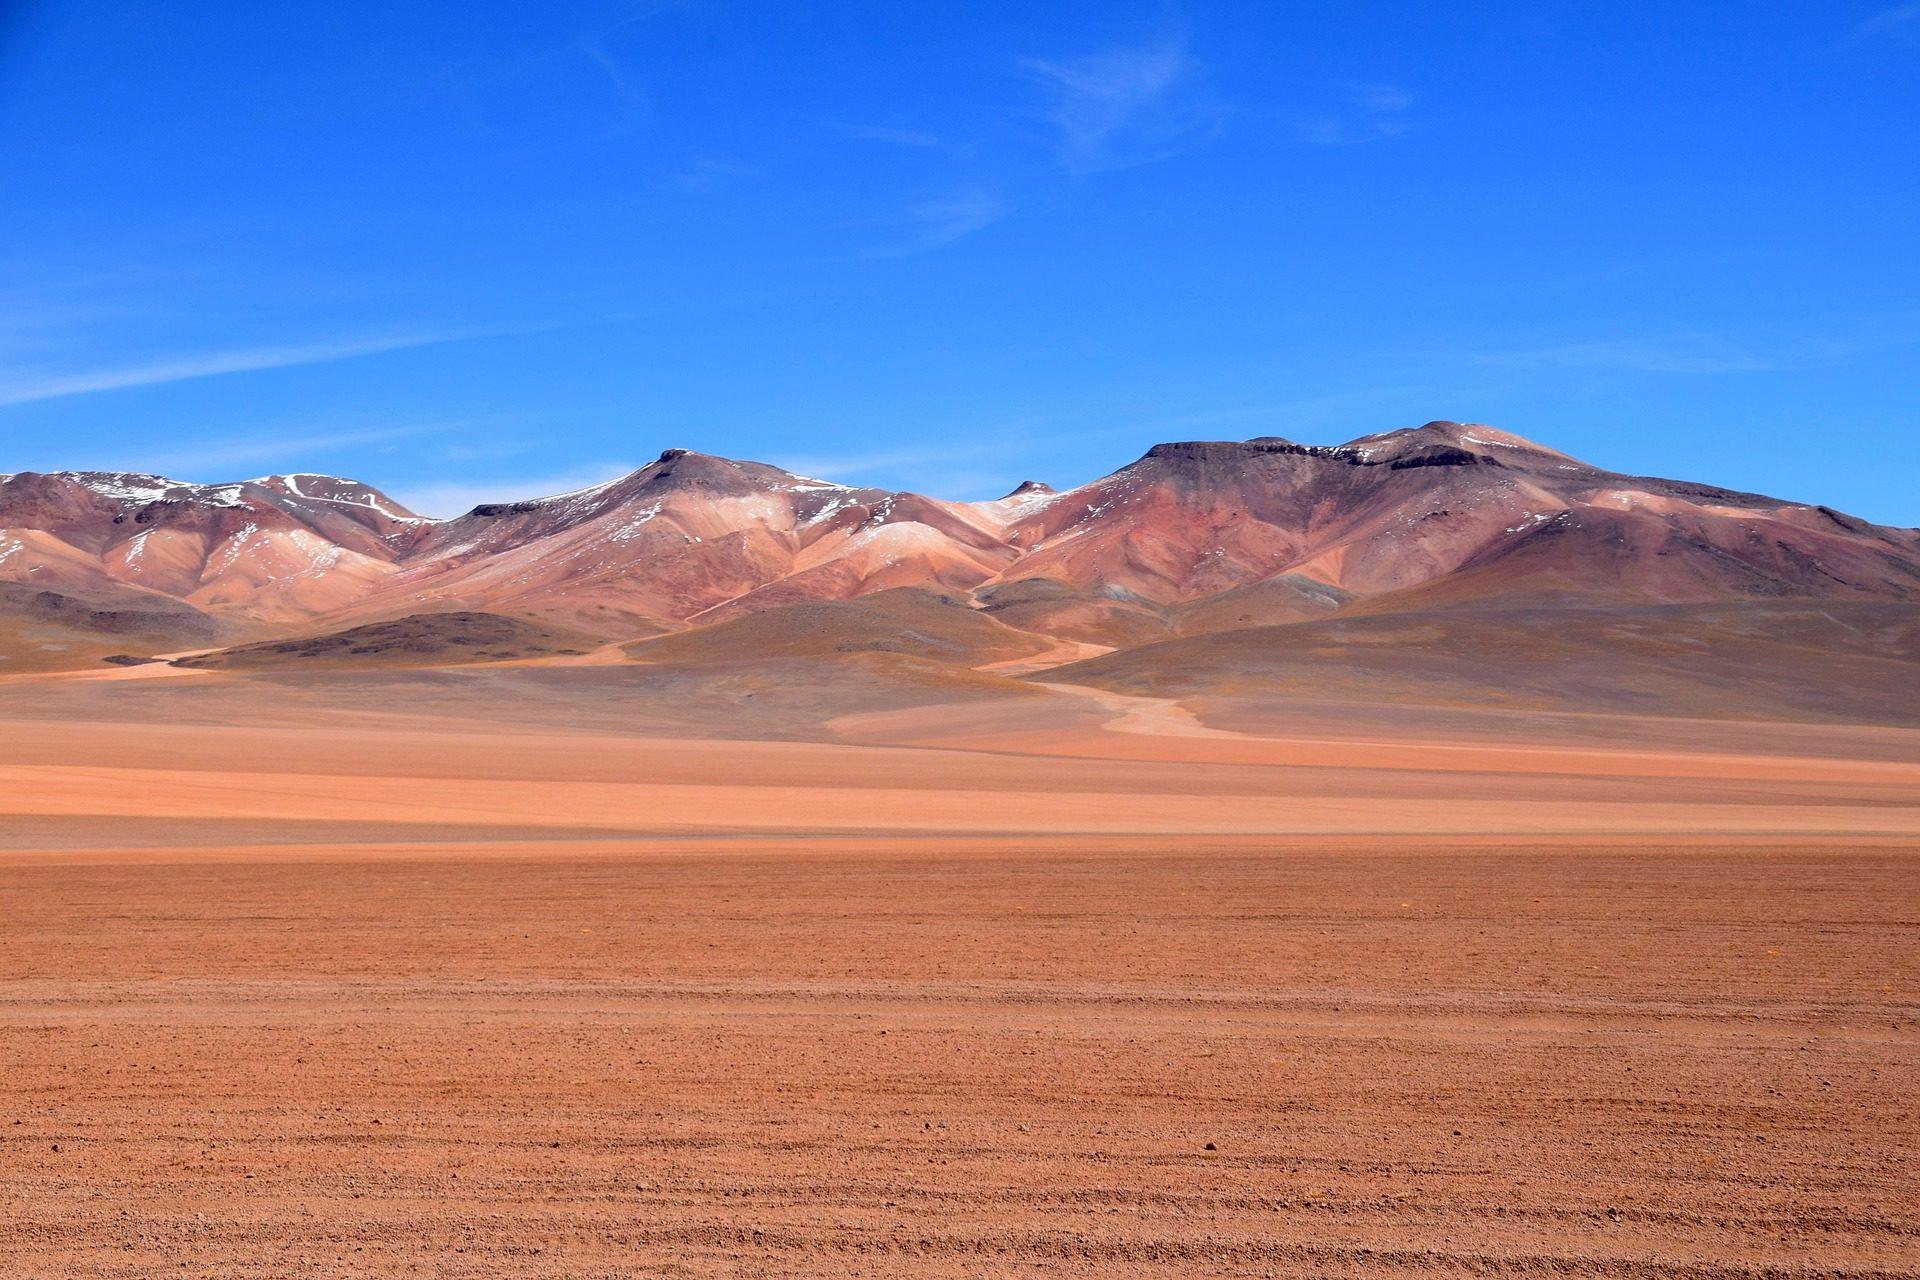 έρημο, Montañas, χιόνι, Soledad, ελευθερία, bolivia - Wallpapers HD - Professor-falken.com